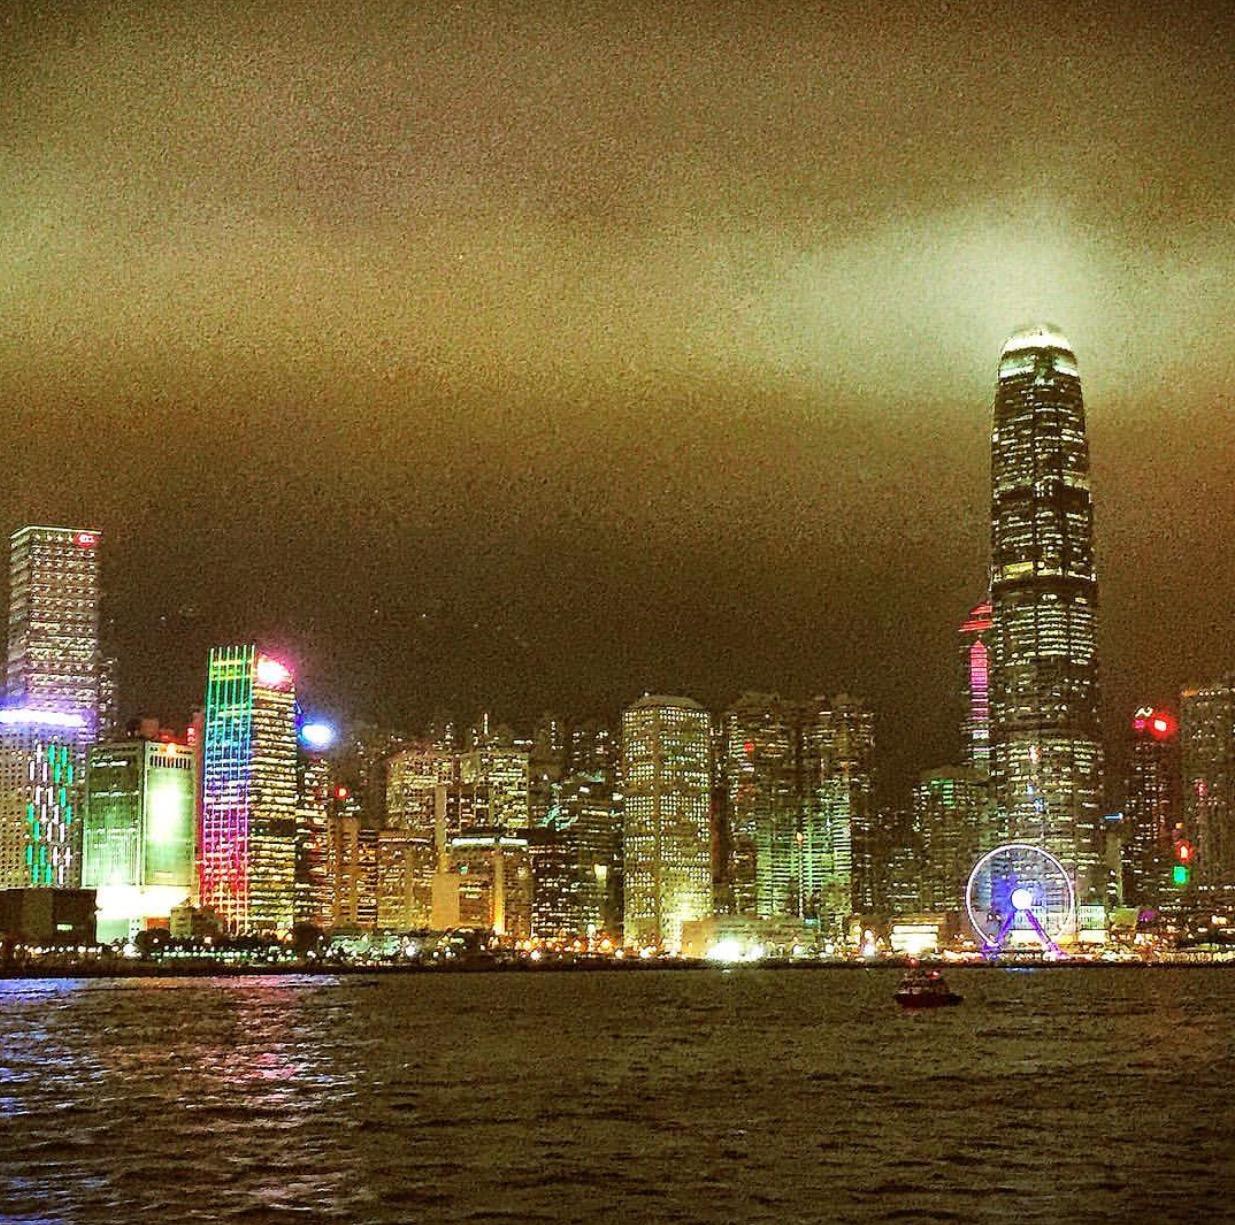 Nighttime views via The Star Ferry